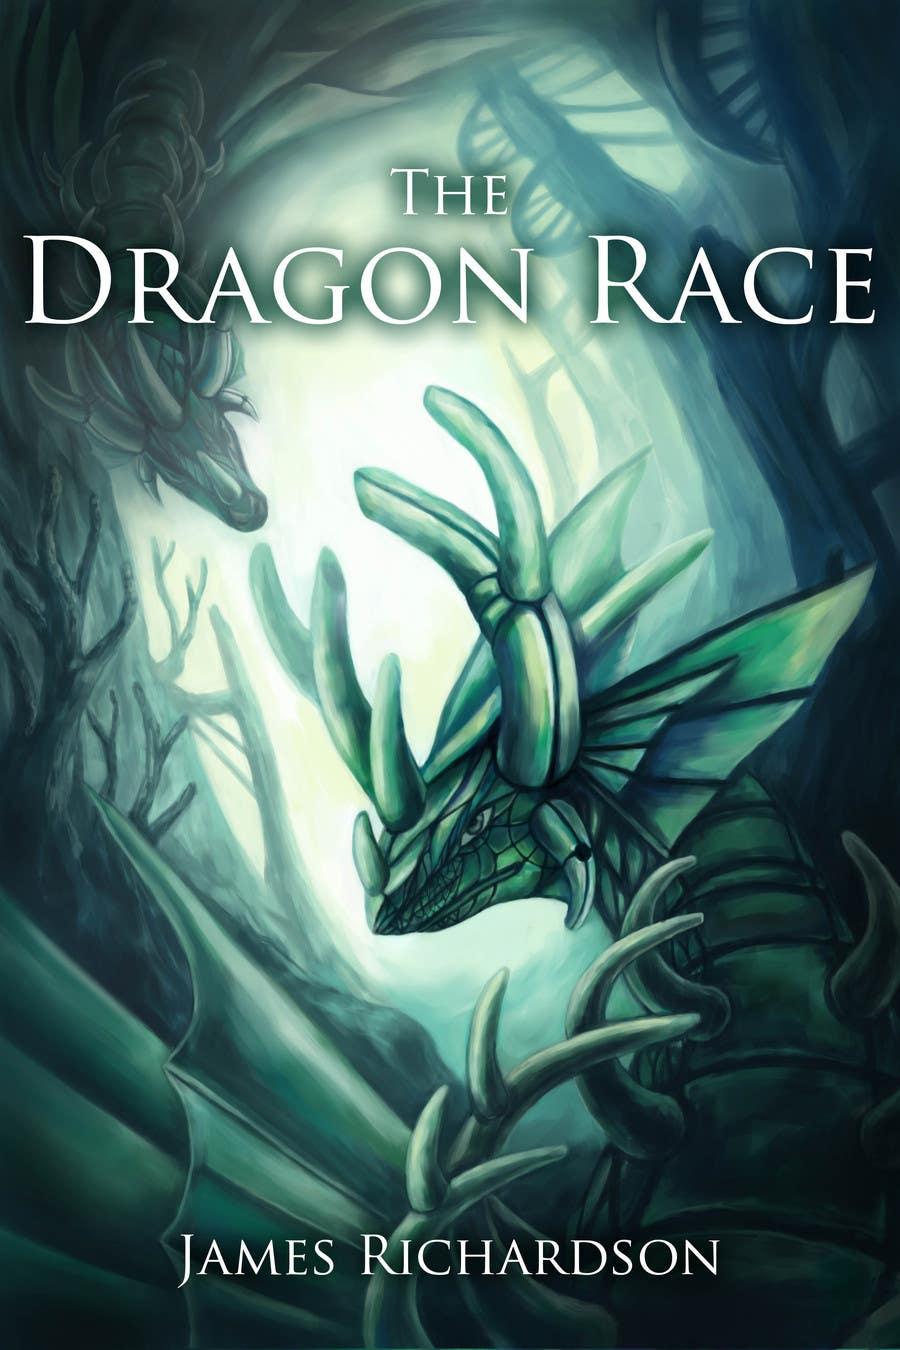 Inscrição nº 57 do Concurso para Cover Design for new Teen Fantasy/Action novel